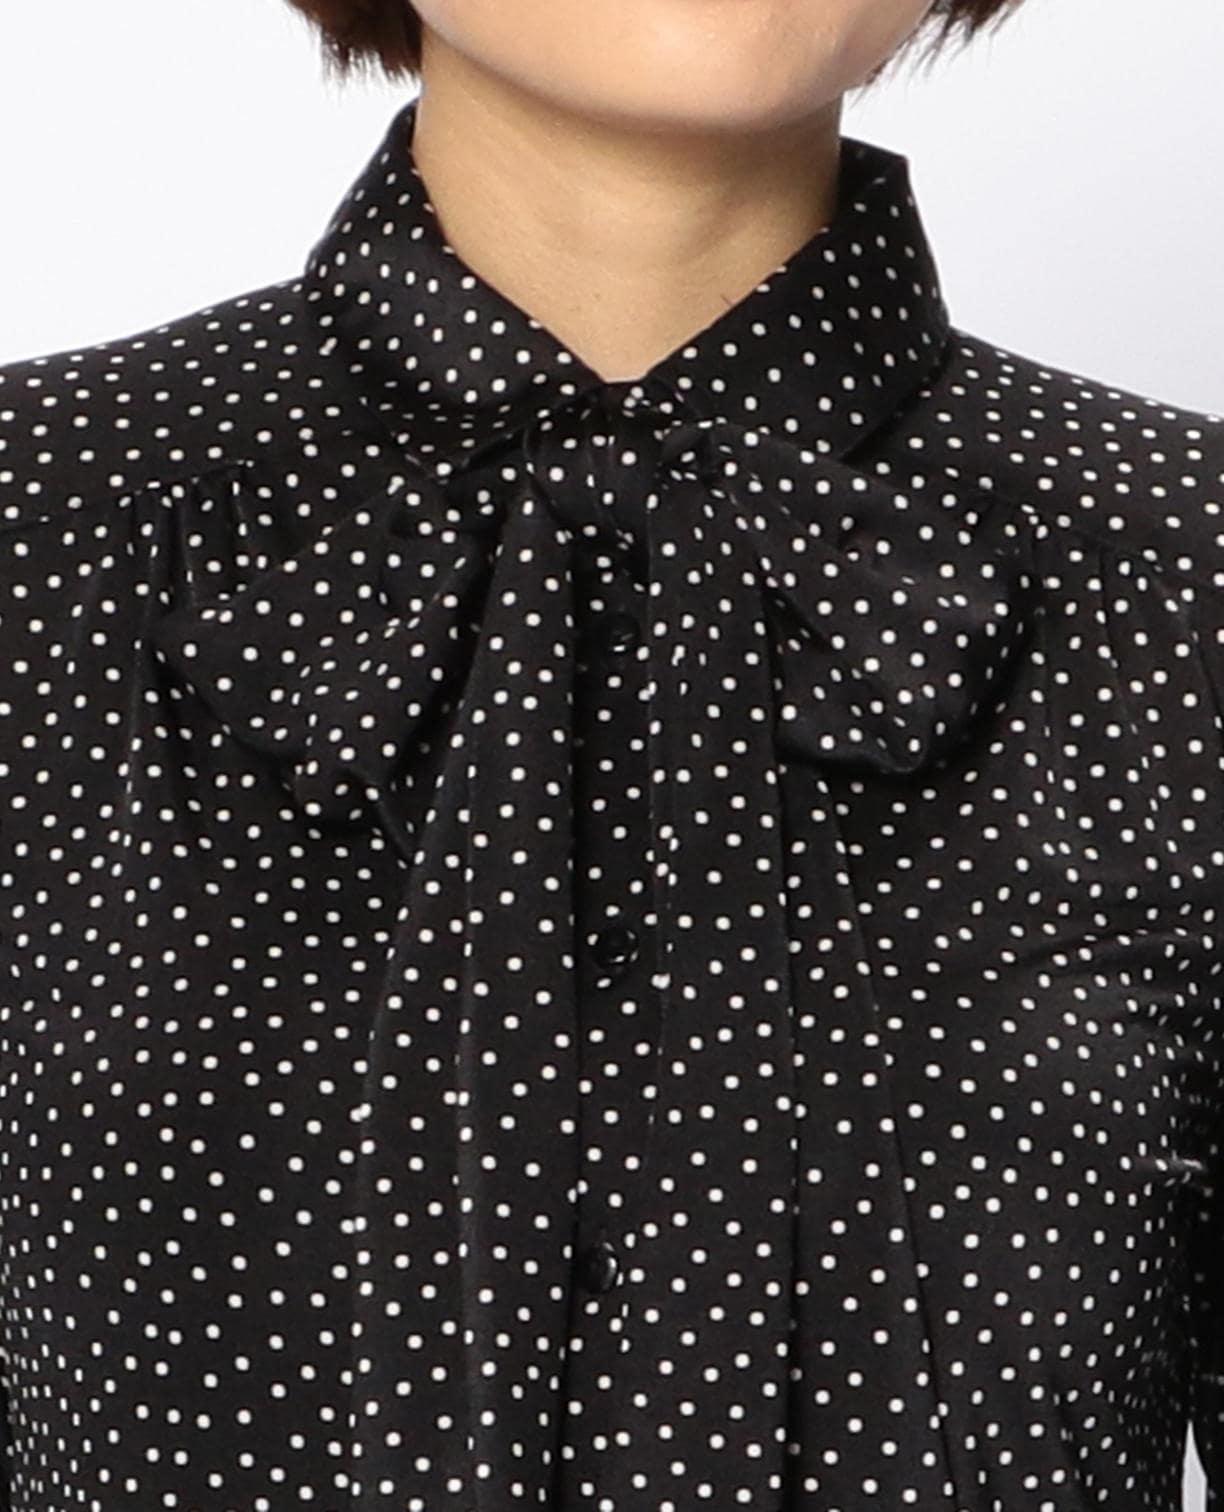 ドットジャージリボン付長袖シャツ